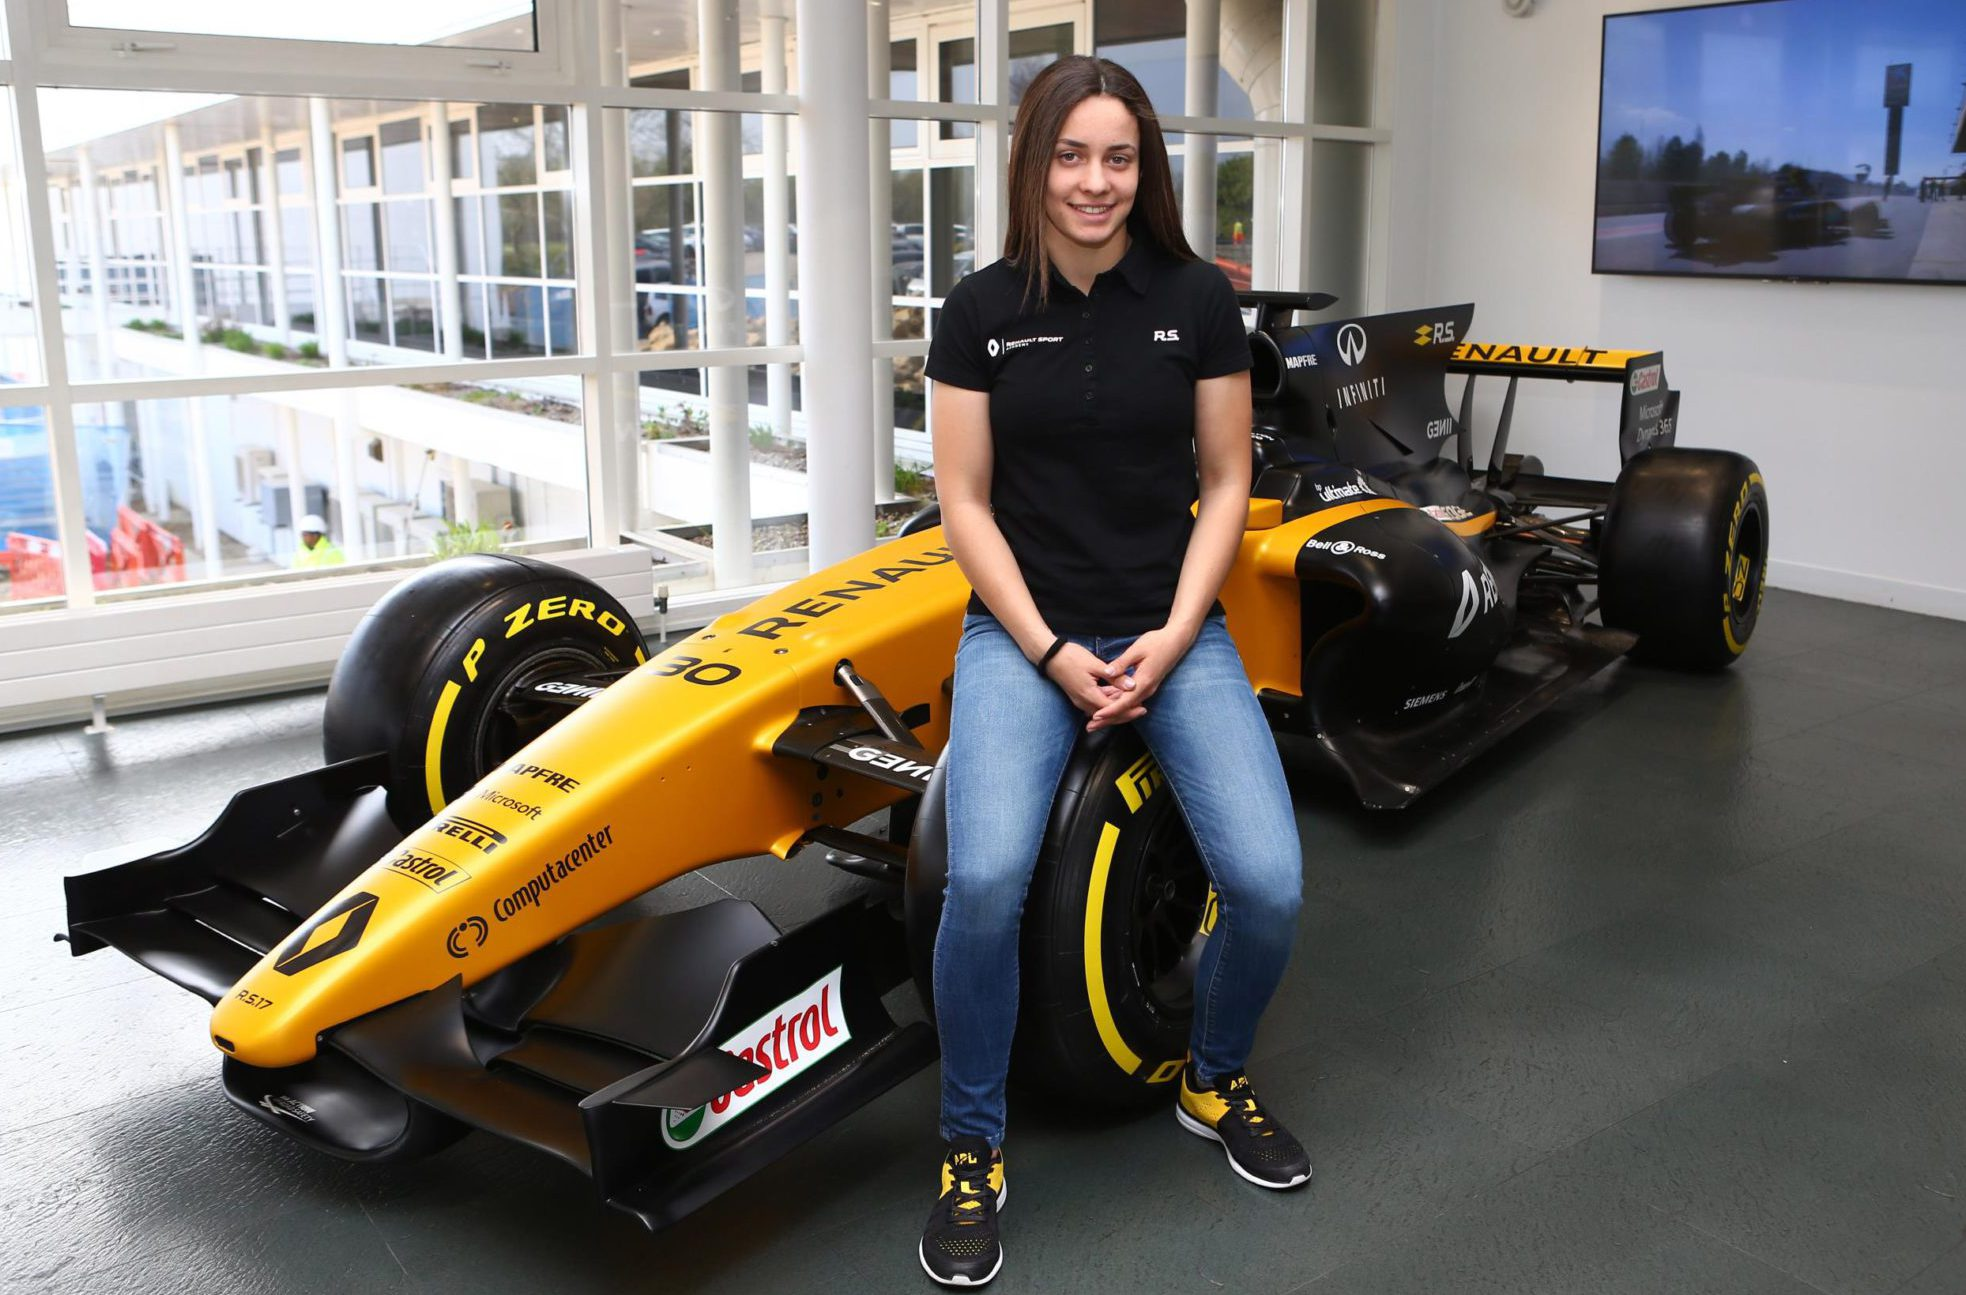 Marta García se clasificó en la 4ª posición en el Campeonato de Europa CIK-FIA OK de Europa y en la 9ª en el WSK OK Super Masters el año pasado y fue la ganadora del CIK-FIA Academy Trophy en 2015.